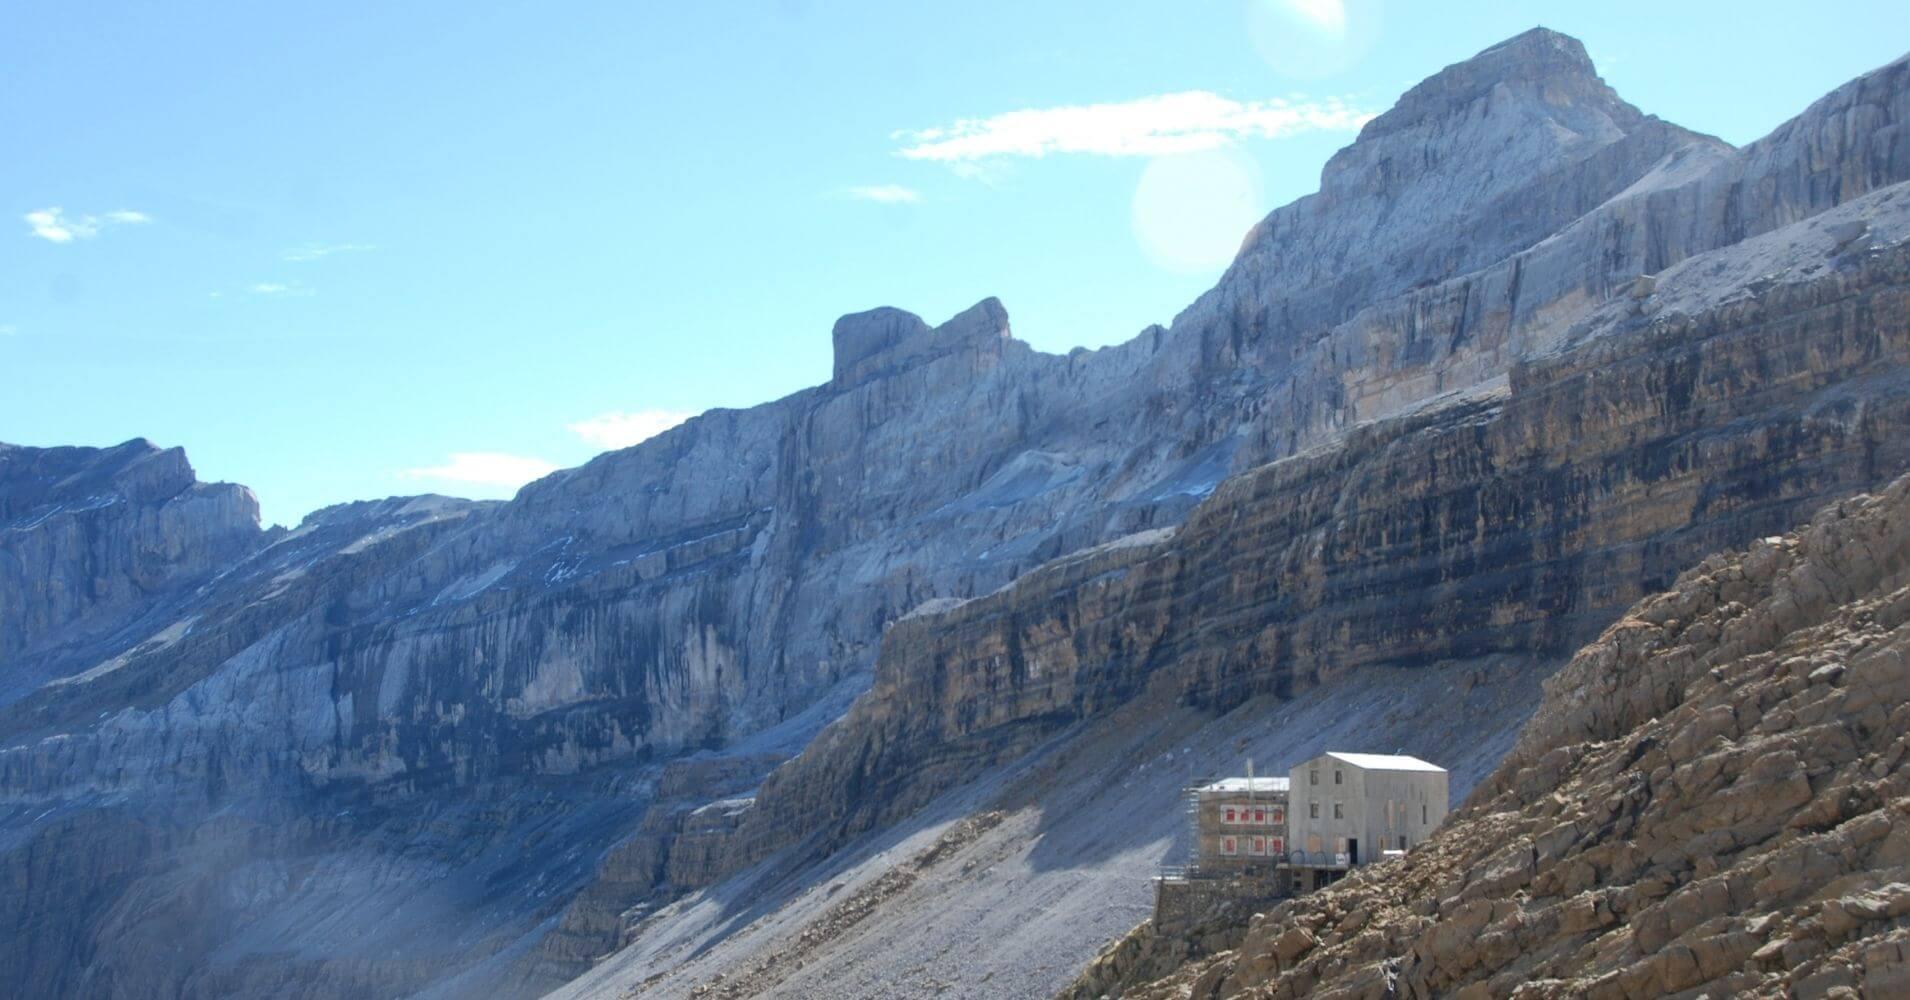 Refugio de Sarradets. Brecha de Rolando. Gavarnie. Altos Pirineos. Occitania. Francia.